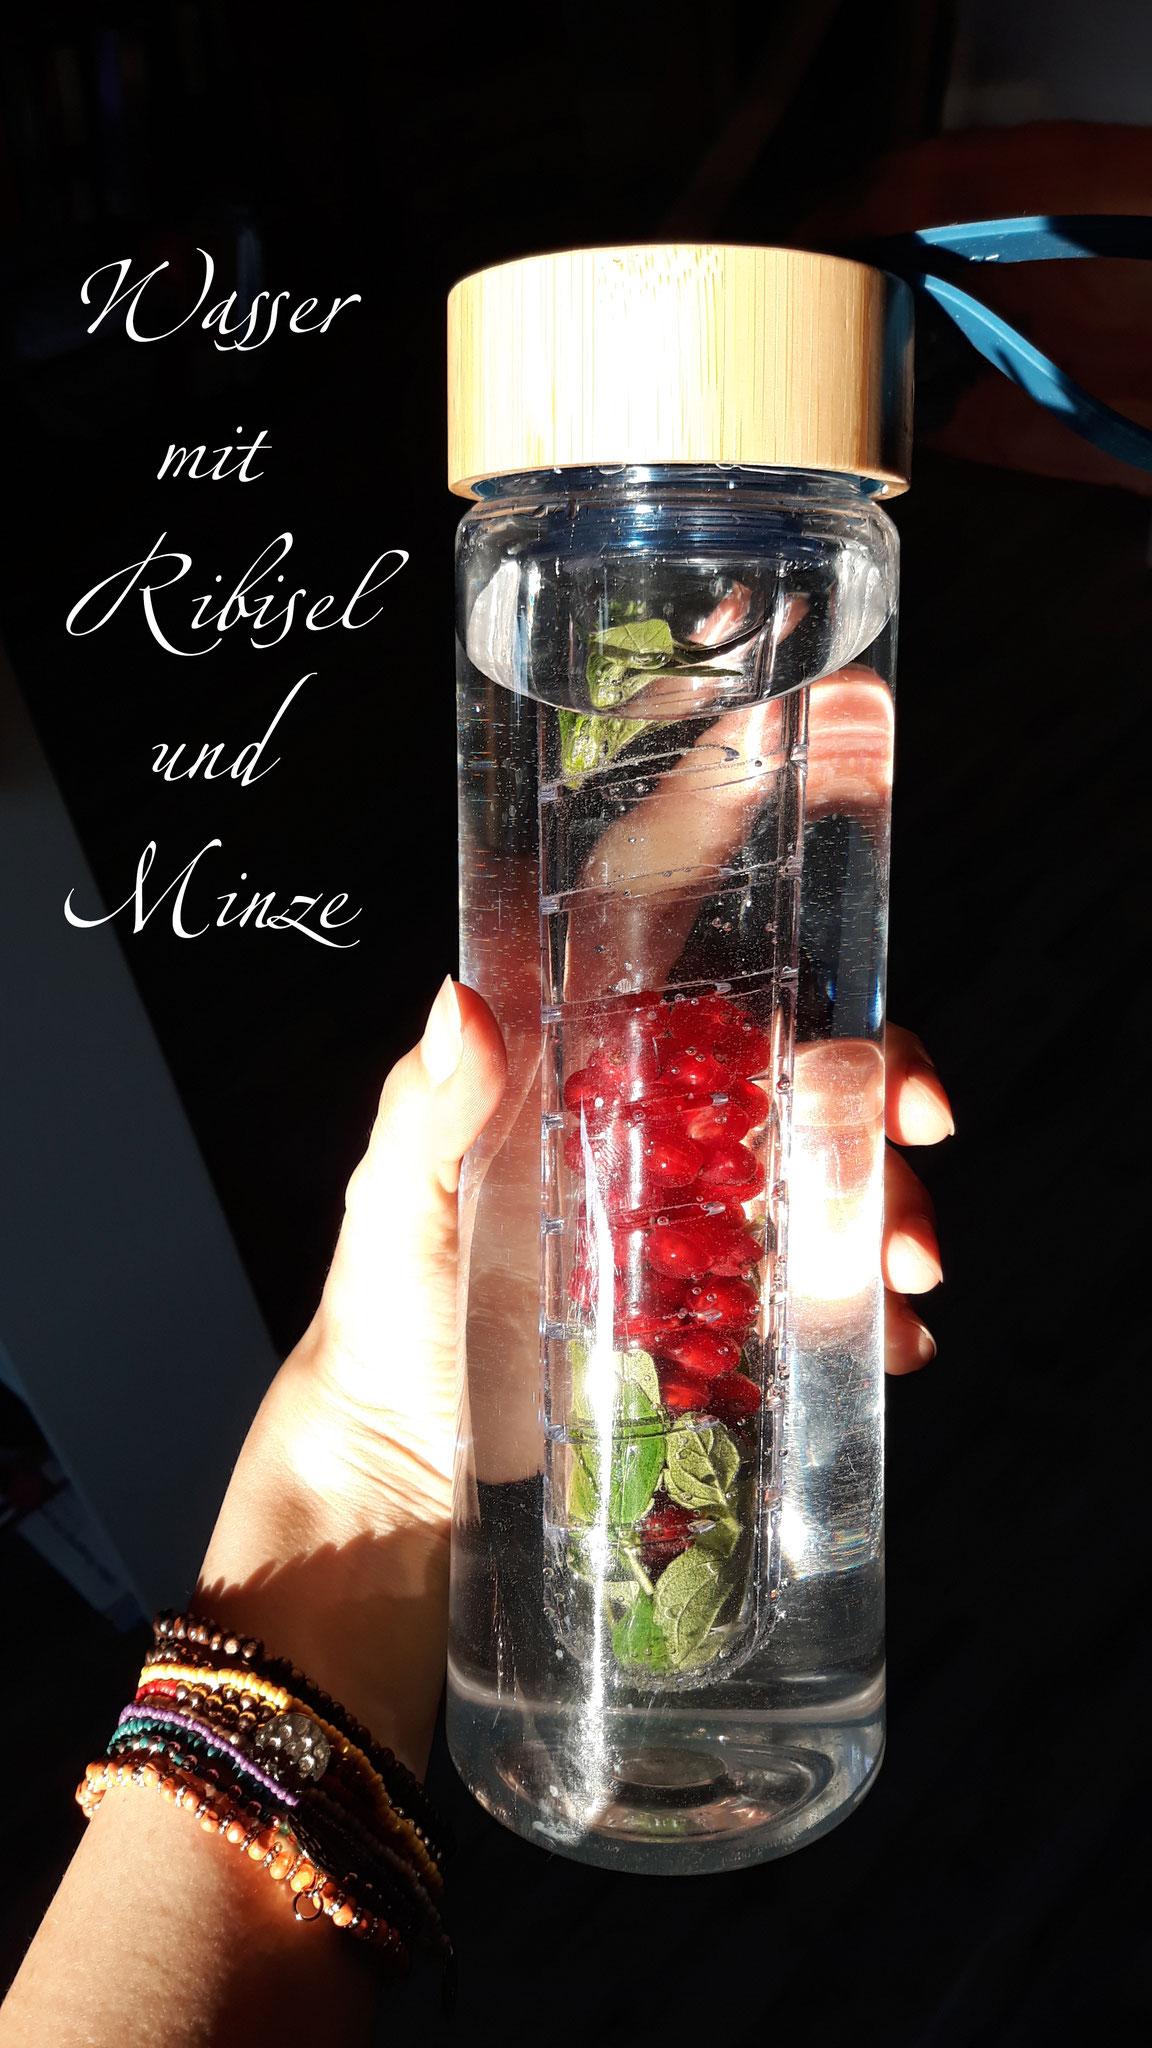 Leckeres Wasser: mit Beeren und Kräutern nach Saison (im Winter eignet sich beispielsweise Ingwer, Orangen, Zimtstangen)